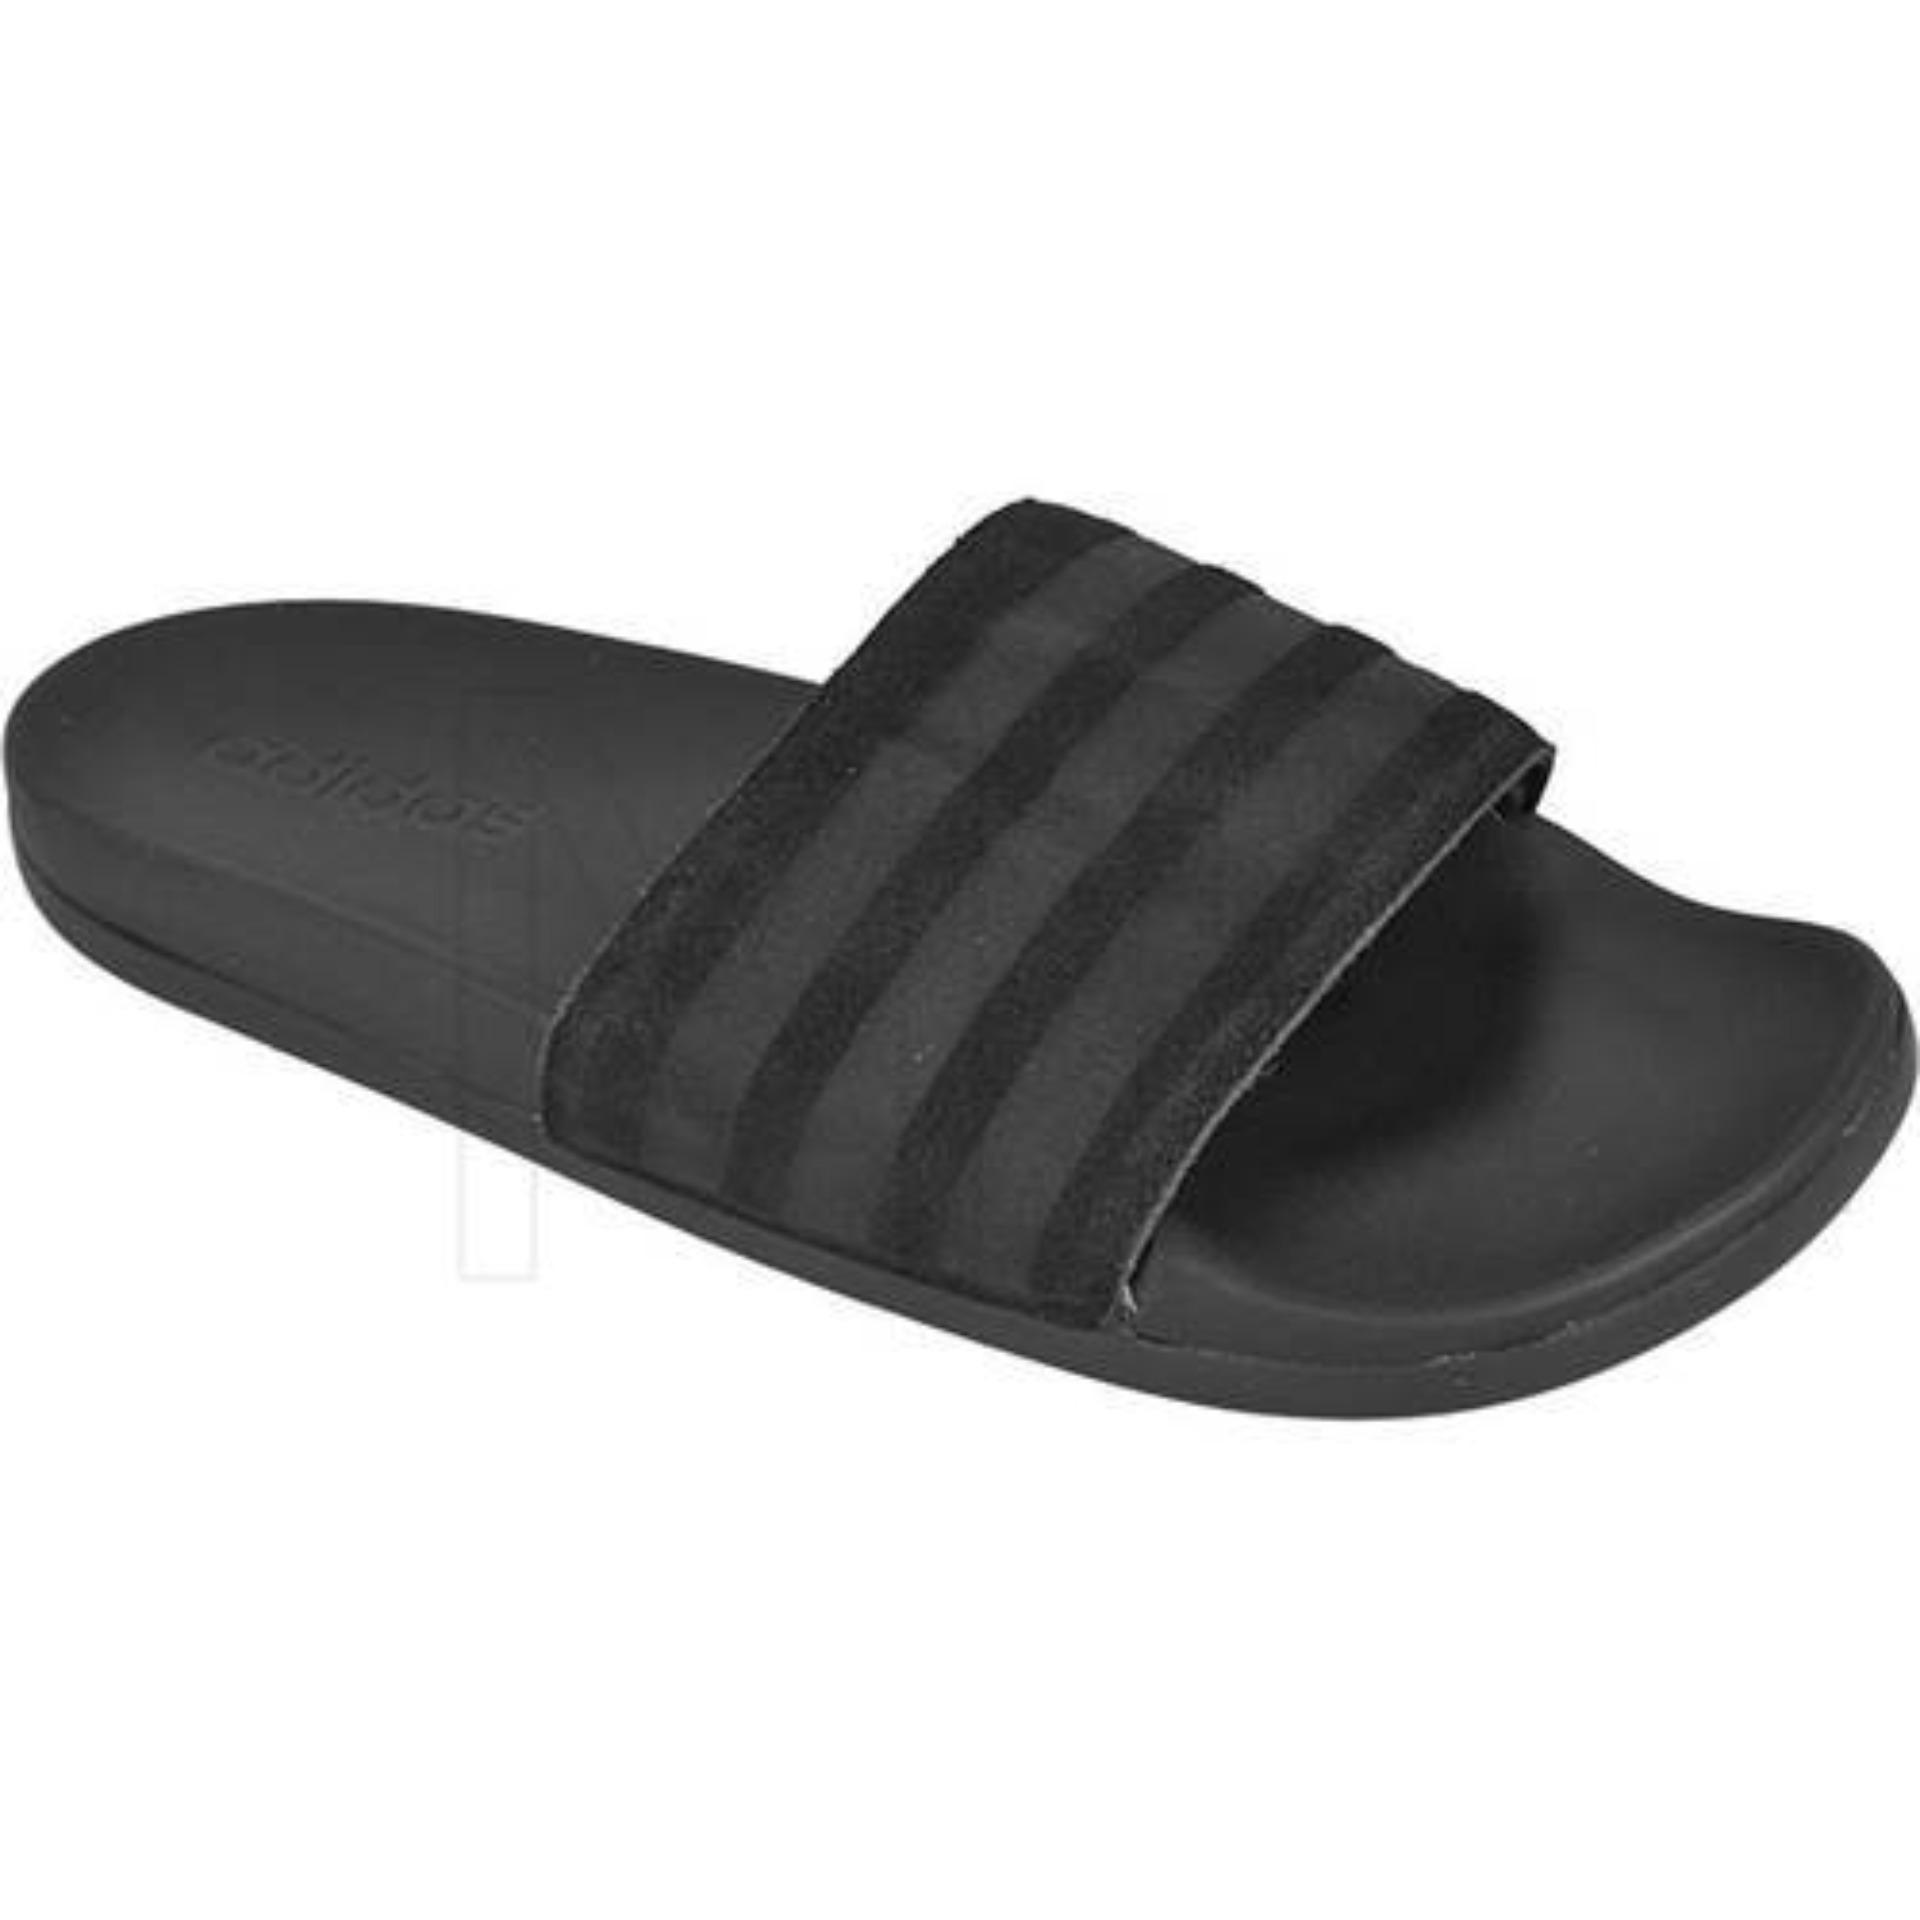 Jual Beli Adidas Sandal Adidas Adilette Cloudfoam Ultra Aq2104 Di Jawa Barat